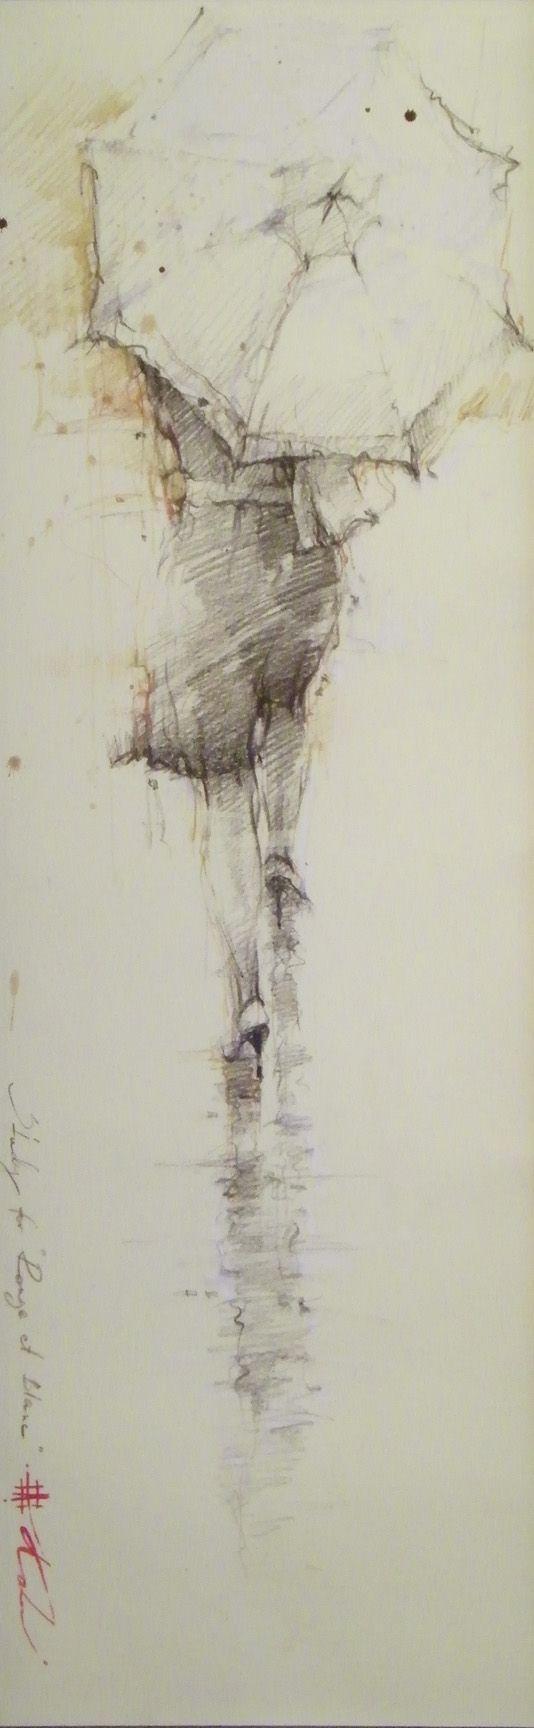 -André Kohn-  (1972)